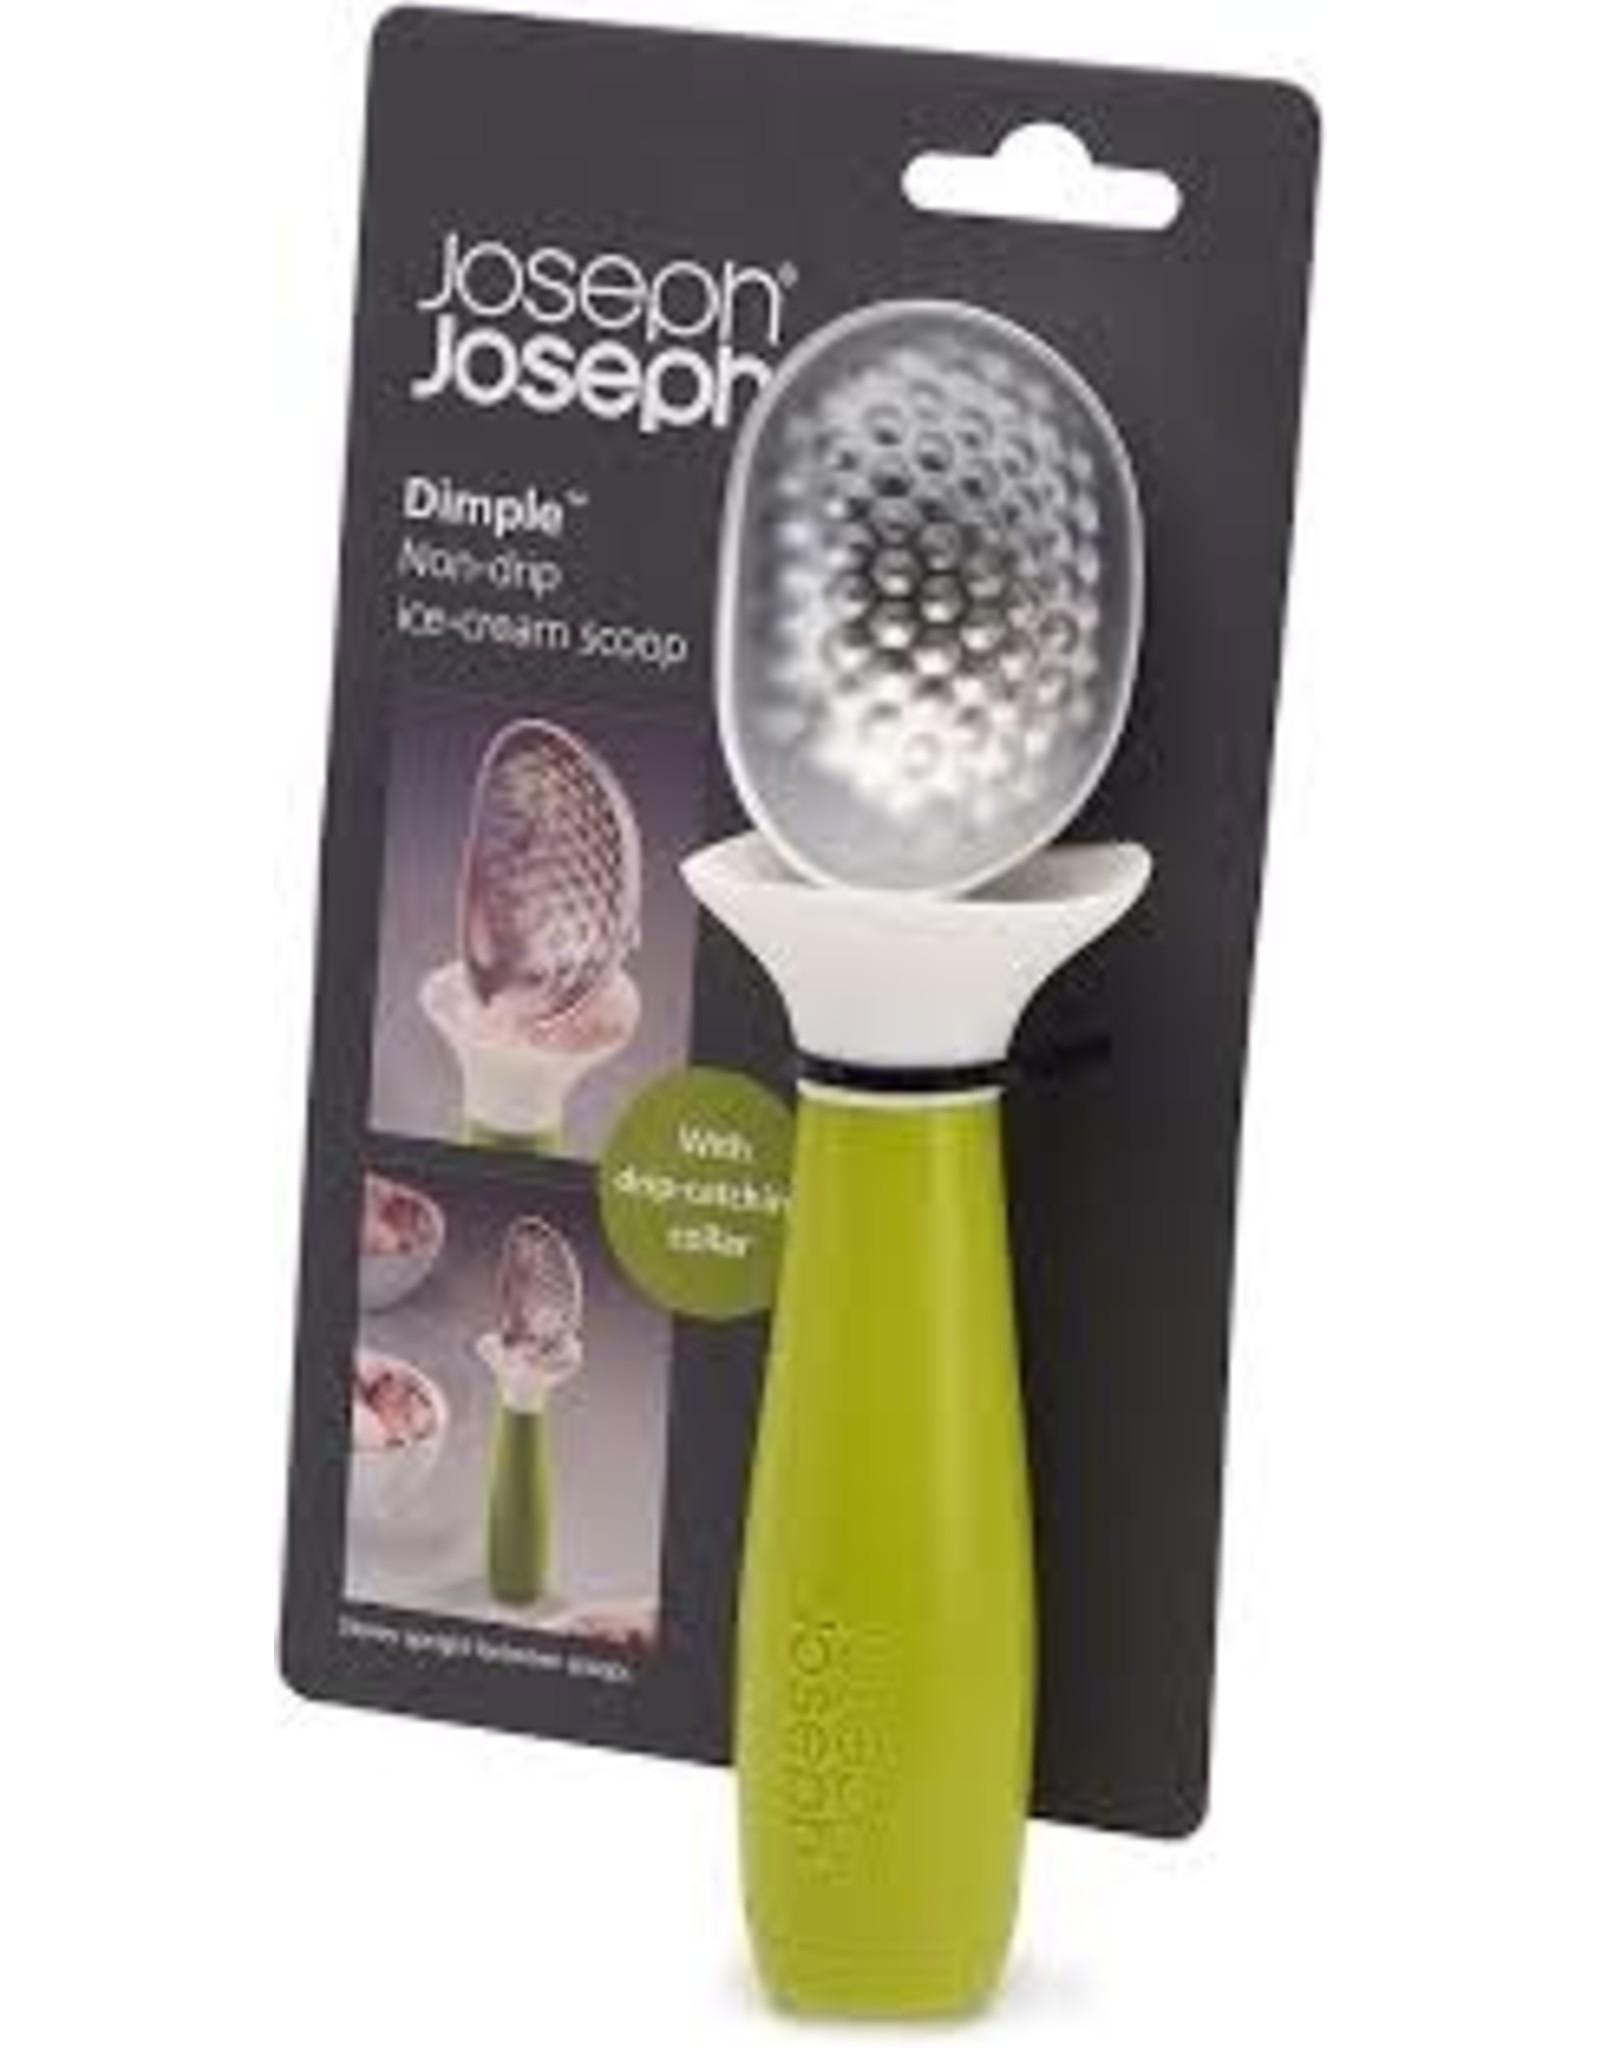 Joseph & Joseph J&J Dimple - Green/White